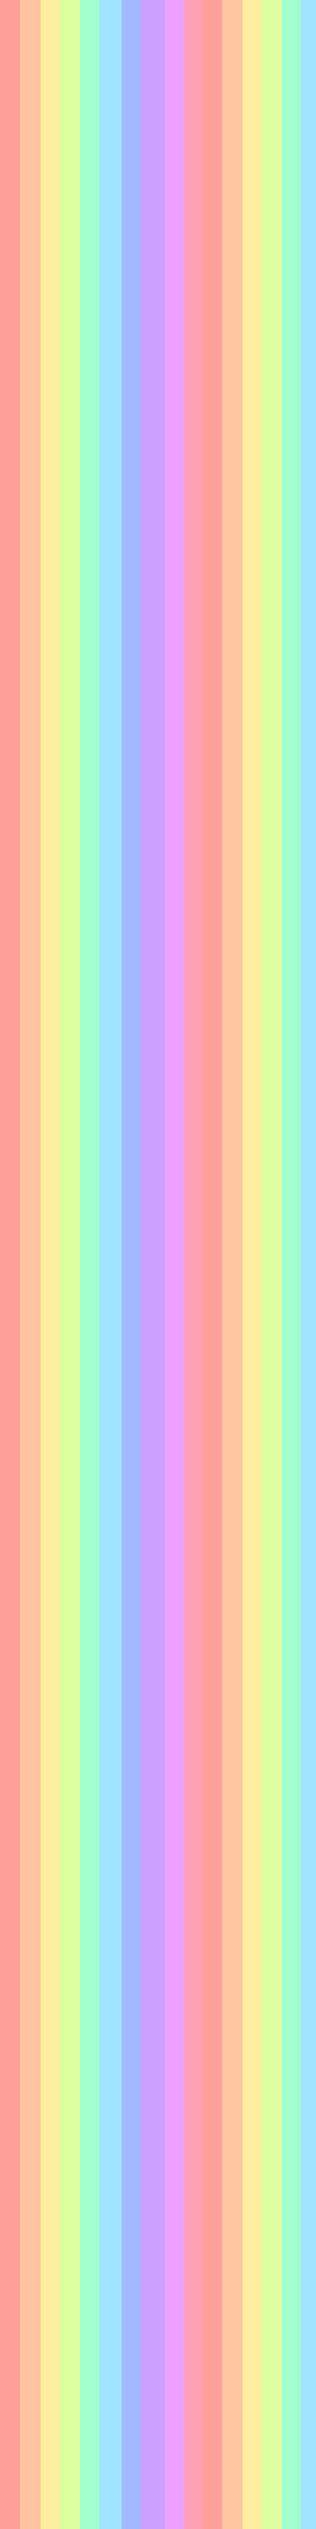 LARGE RAINBOW BACKGROUND [BY EMOFRENCHBRONY]